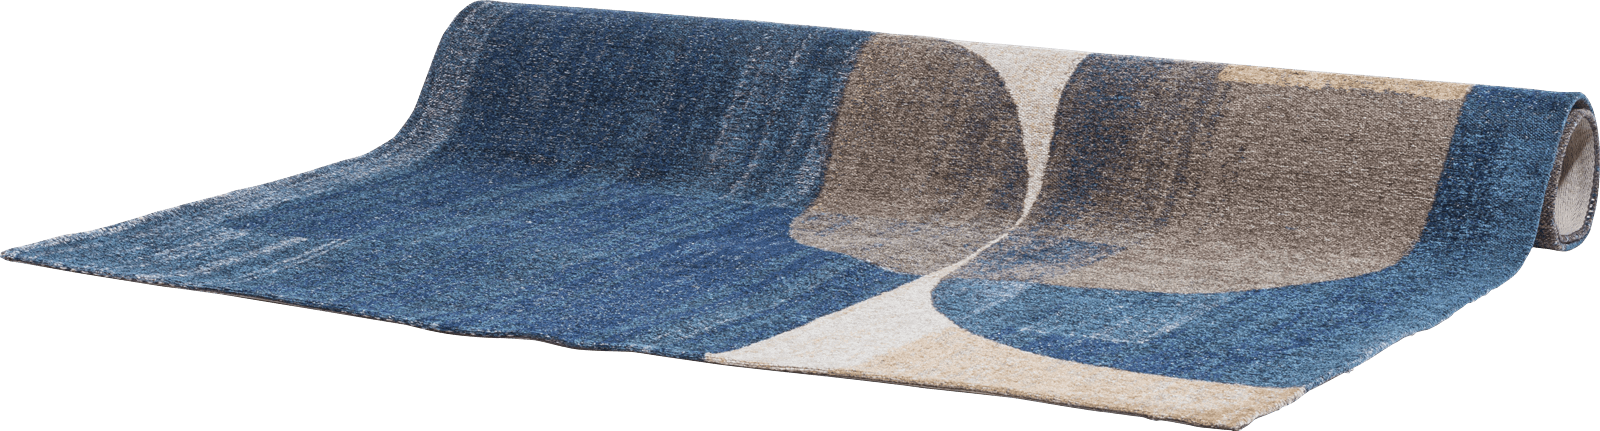 XOOON - Coco Maison - arthur rug 190x290cm